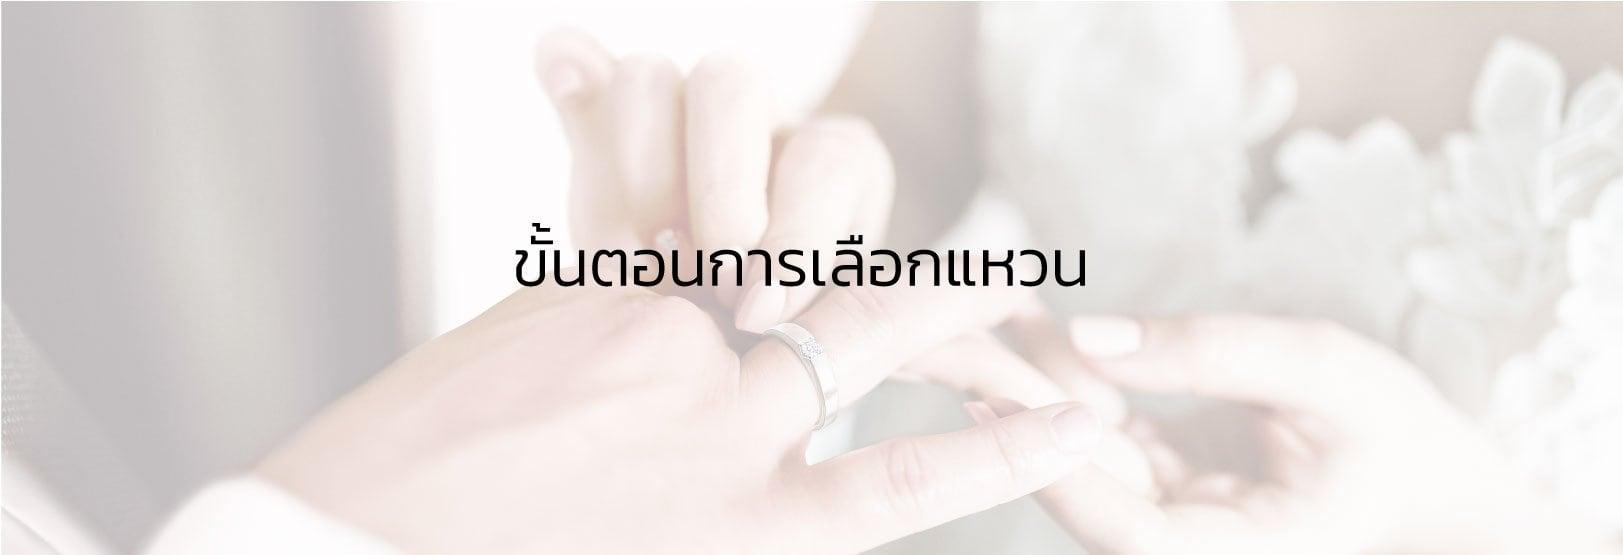 วิธีเลือกแหวน